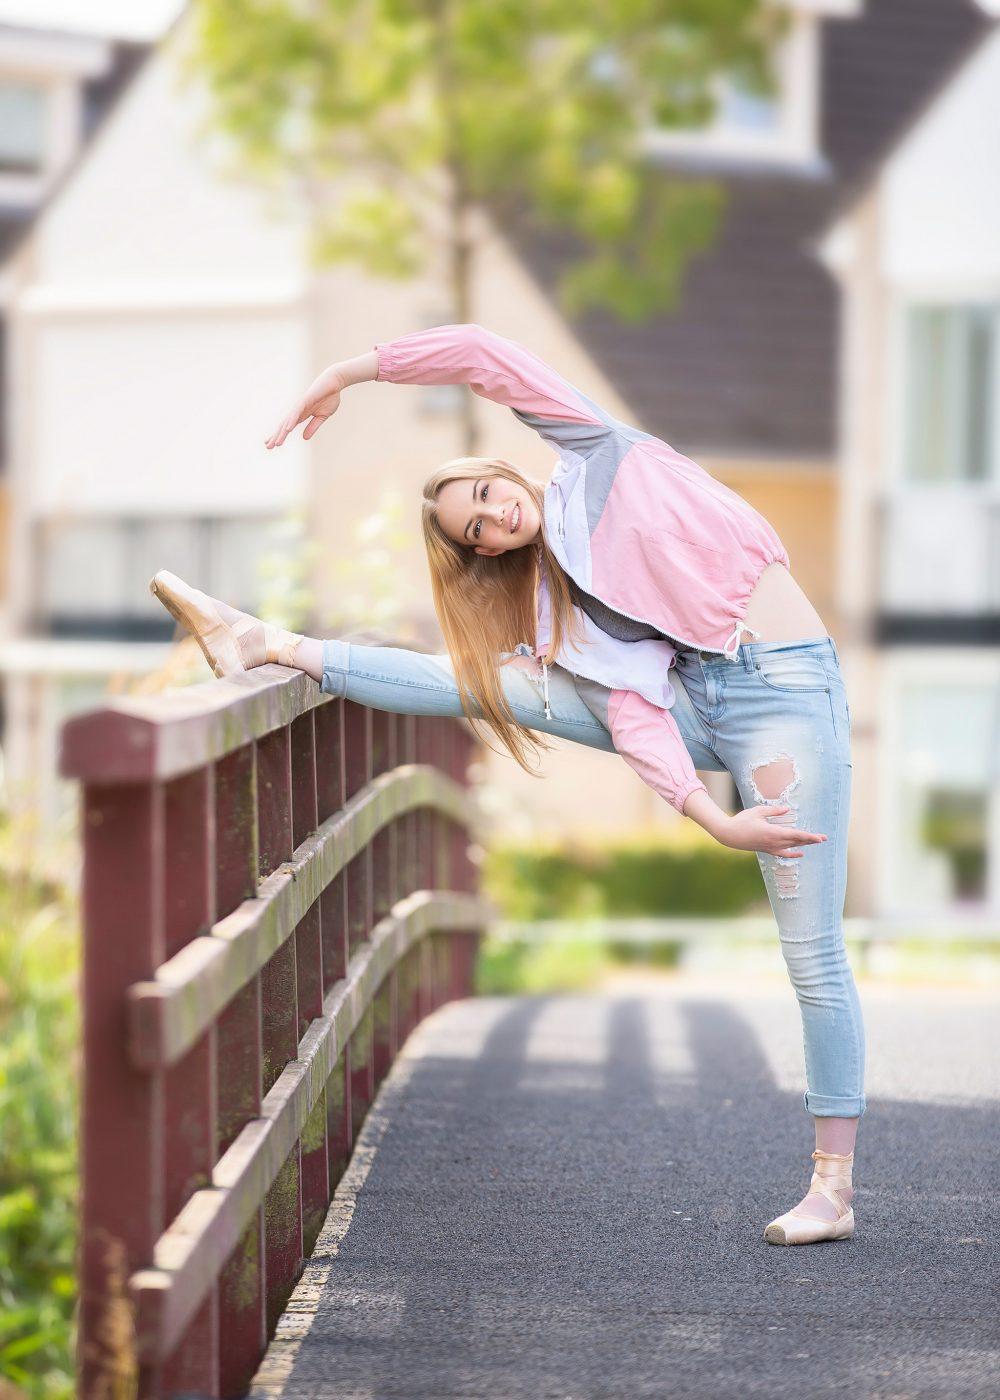 Kim Vos Fotografie - Fotoshoot Marijn 16.09.2018-2